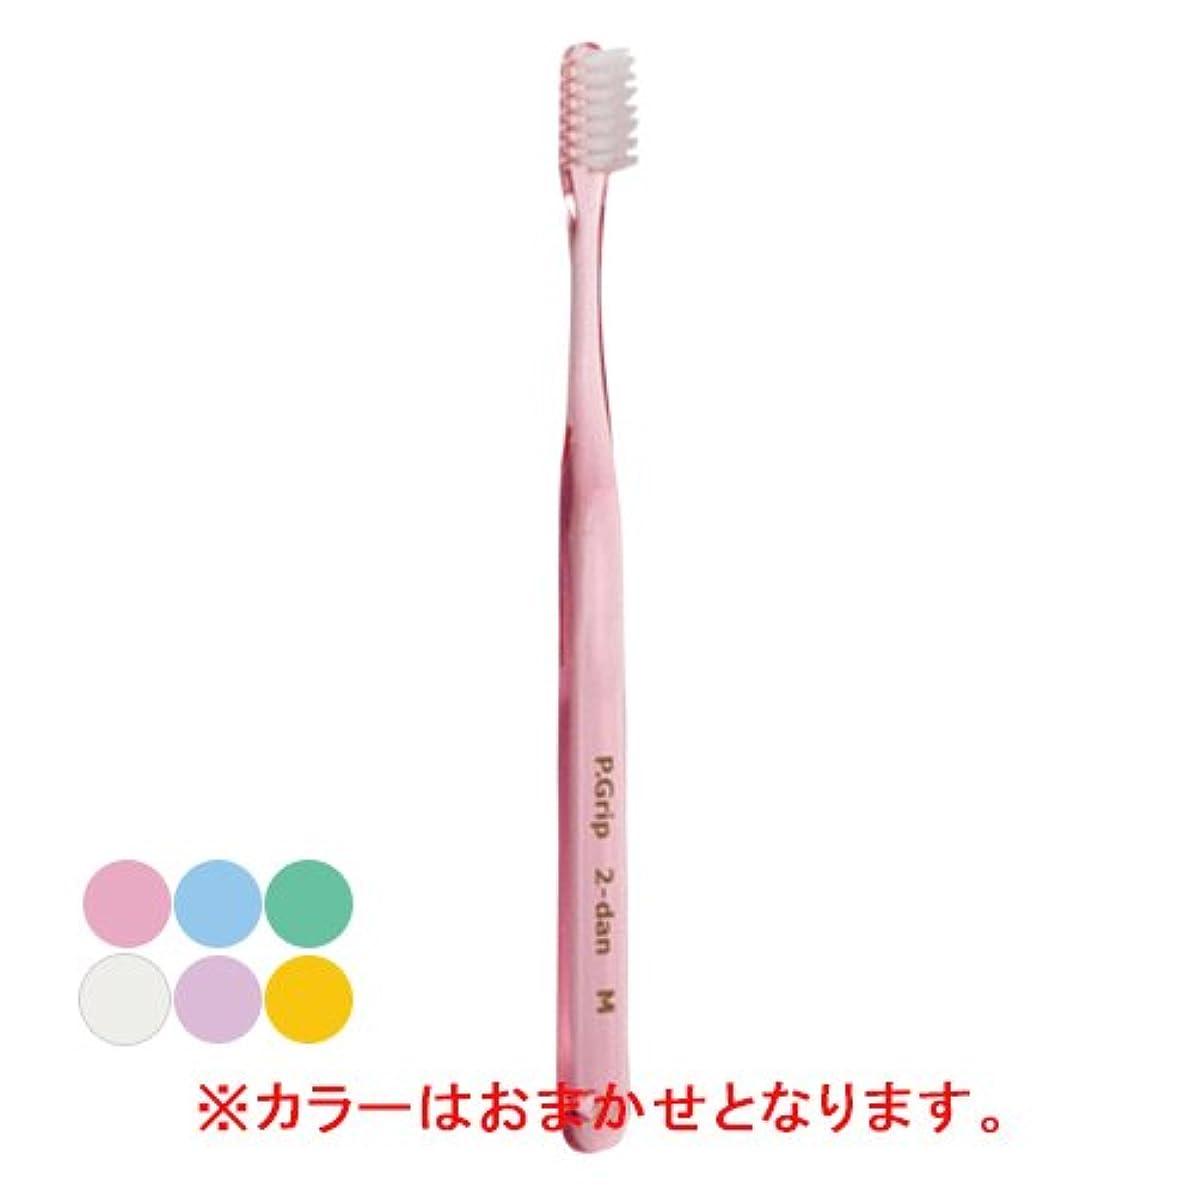 乱気流正統派不完全P.D.R.(ピーディーアール) P.Grip(ピーグリップ)歯ブラシ 二段植毛タイプ ミディアム(ふつう) 1本